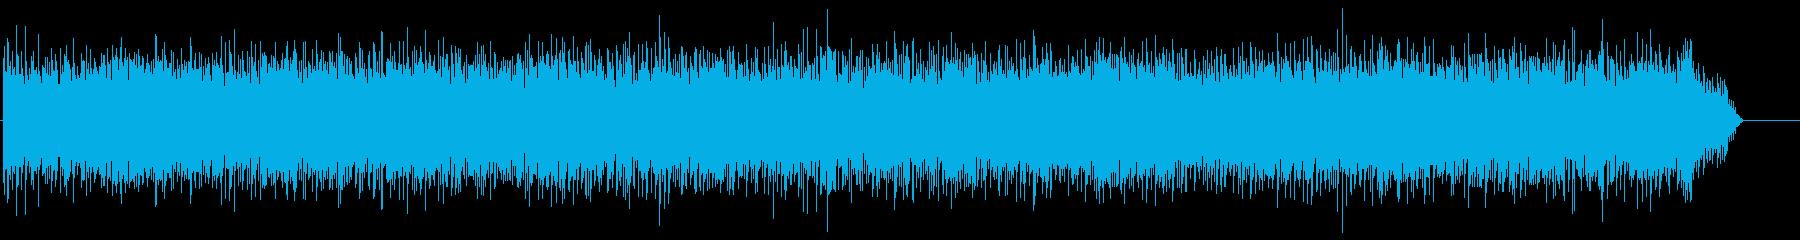 ストレートなポップロックの再生済みの波形